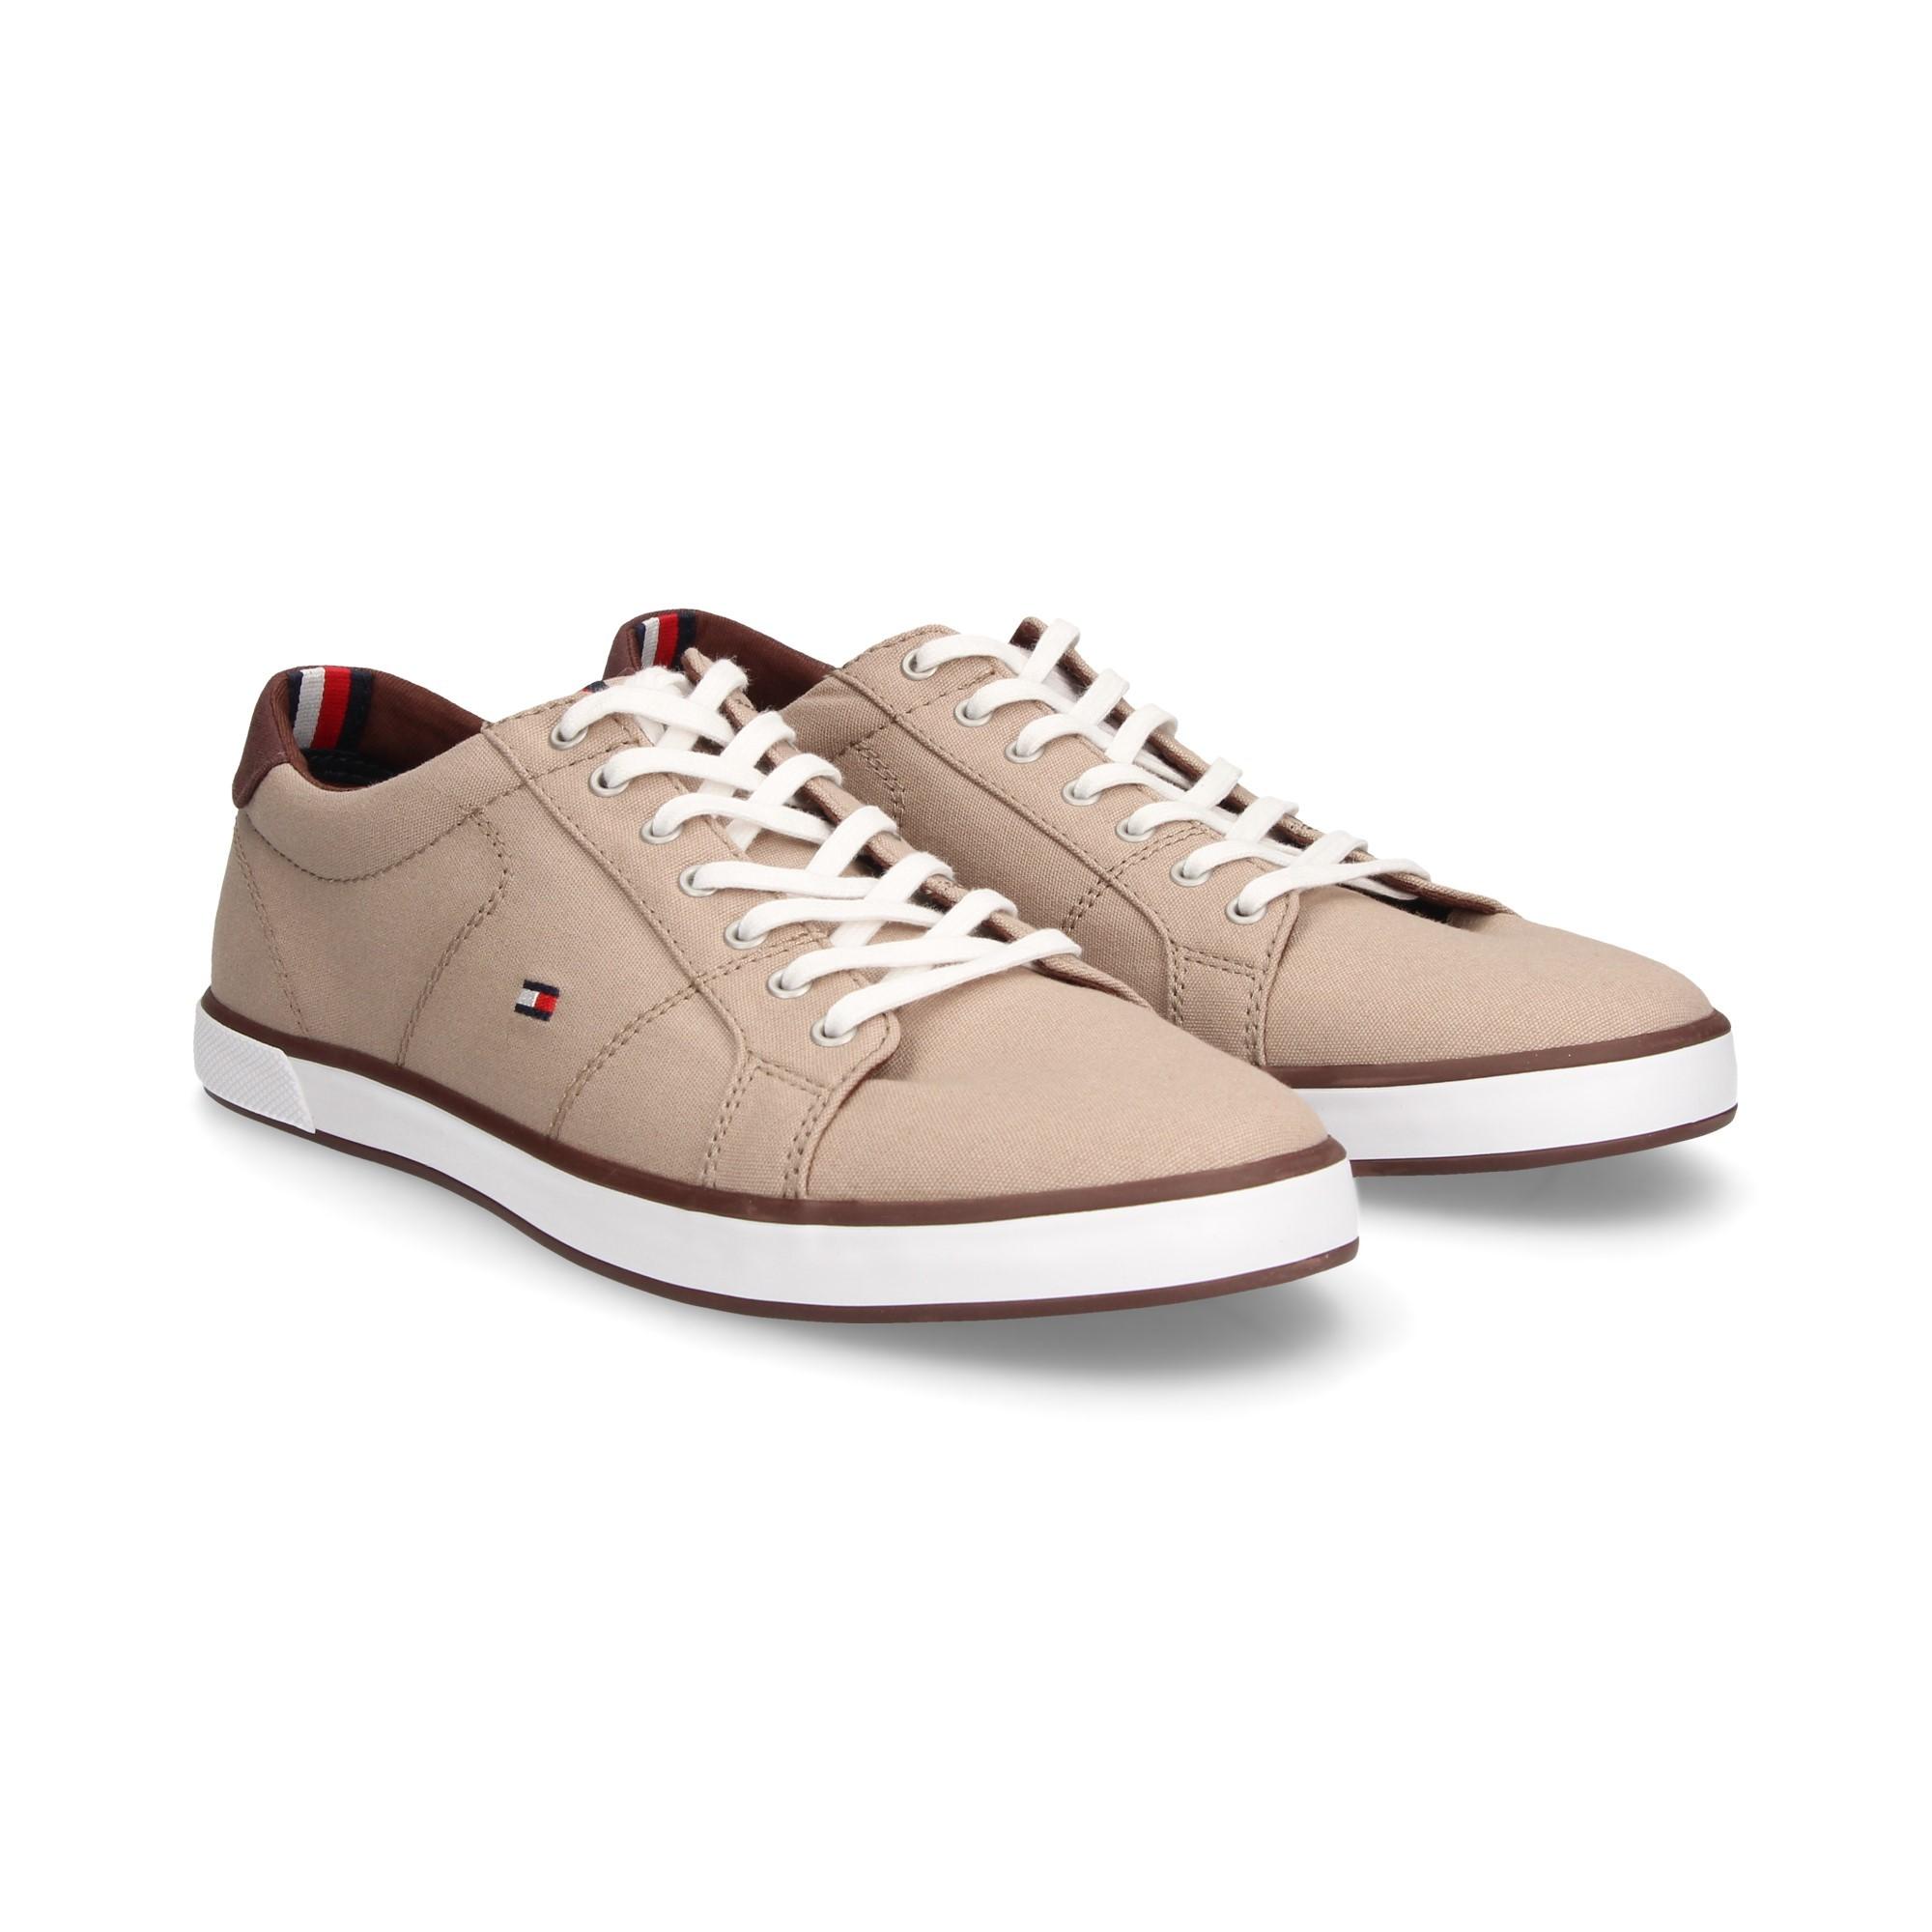 042fd6585d11 TOMMY HILFIGER Men s sneakers FM01536 068 COBBLESTONE